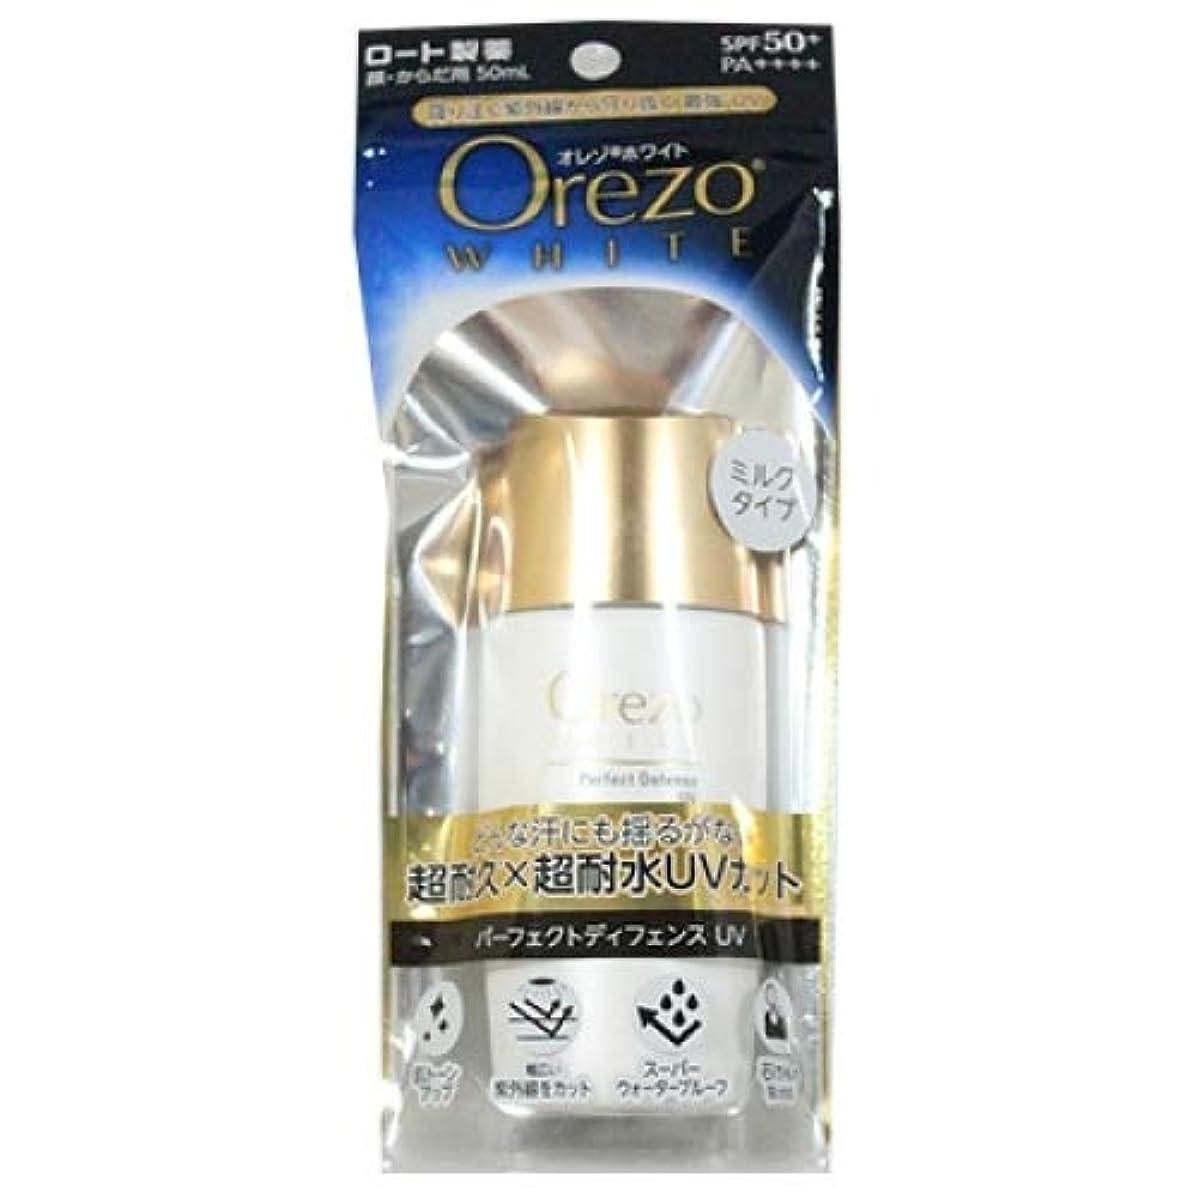 フィヨルド早熟法律によりロート製薬 Orezo オレゾ ホワイト パーフェクトディフェンスUVa SPF50+ PA++++ (50mL)